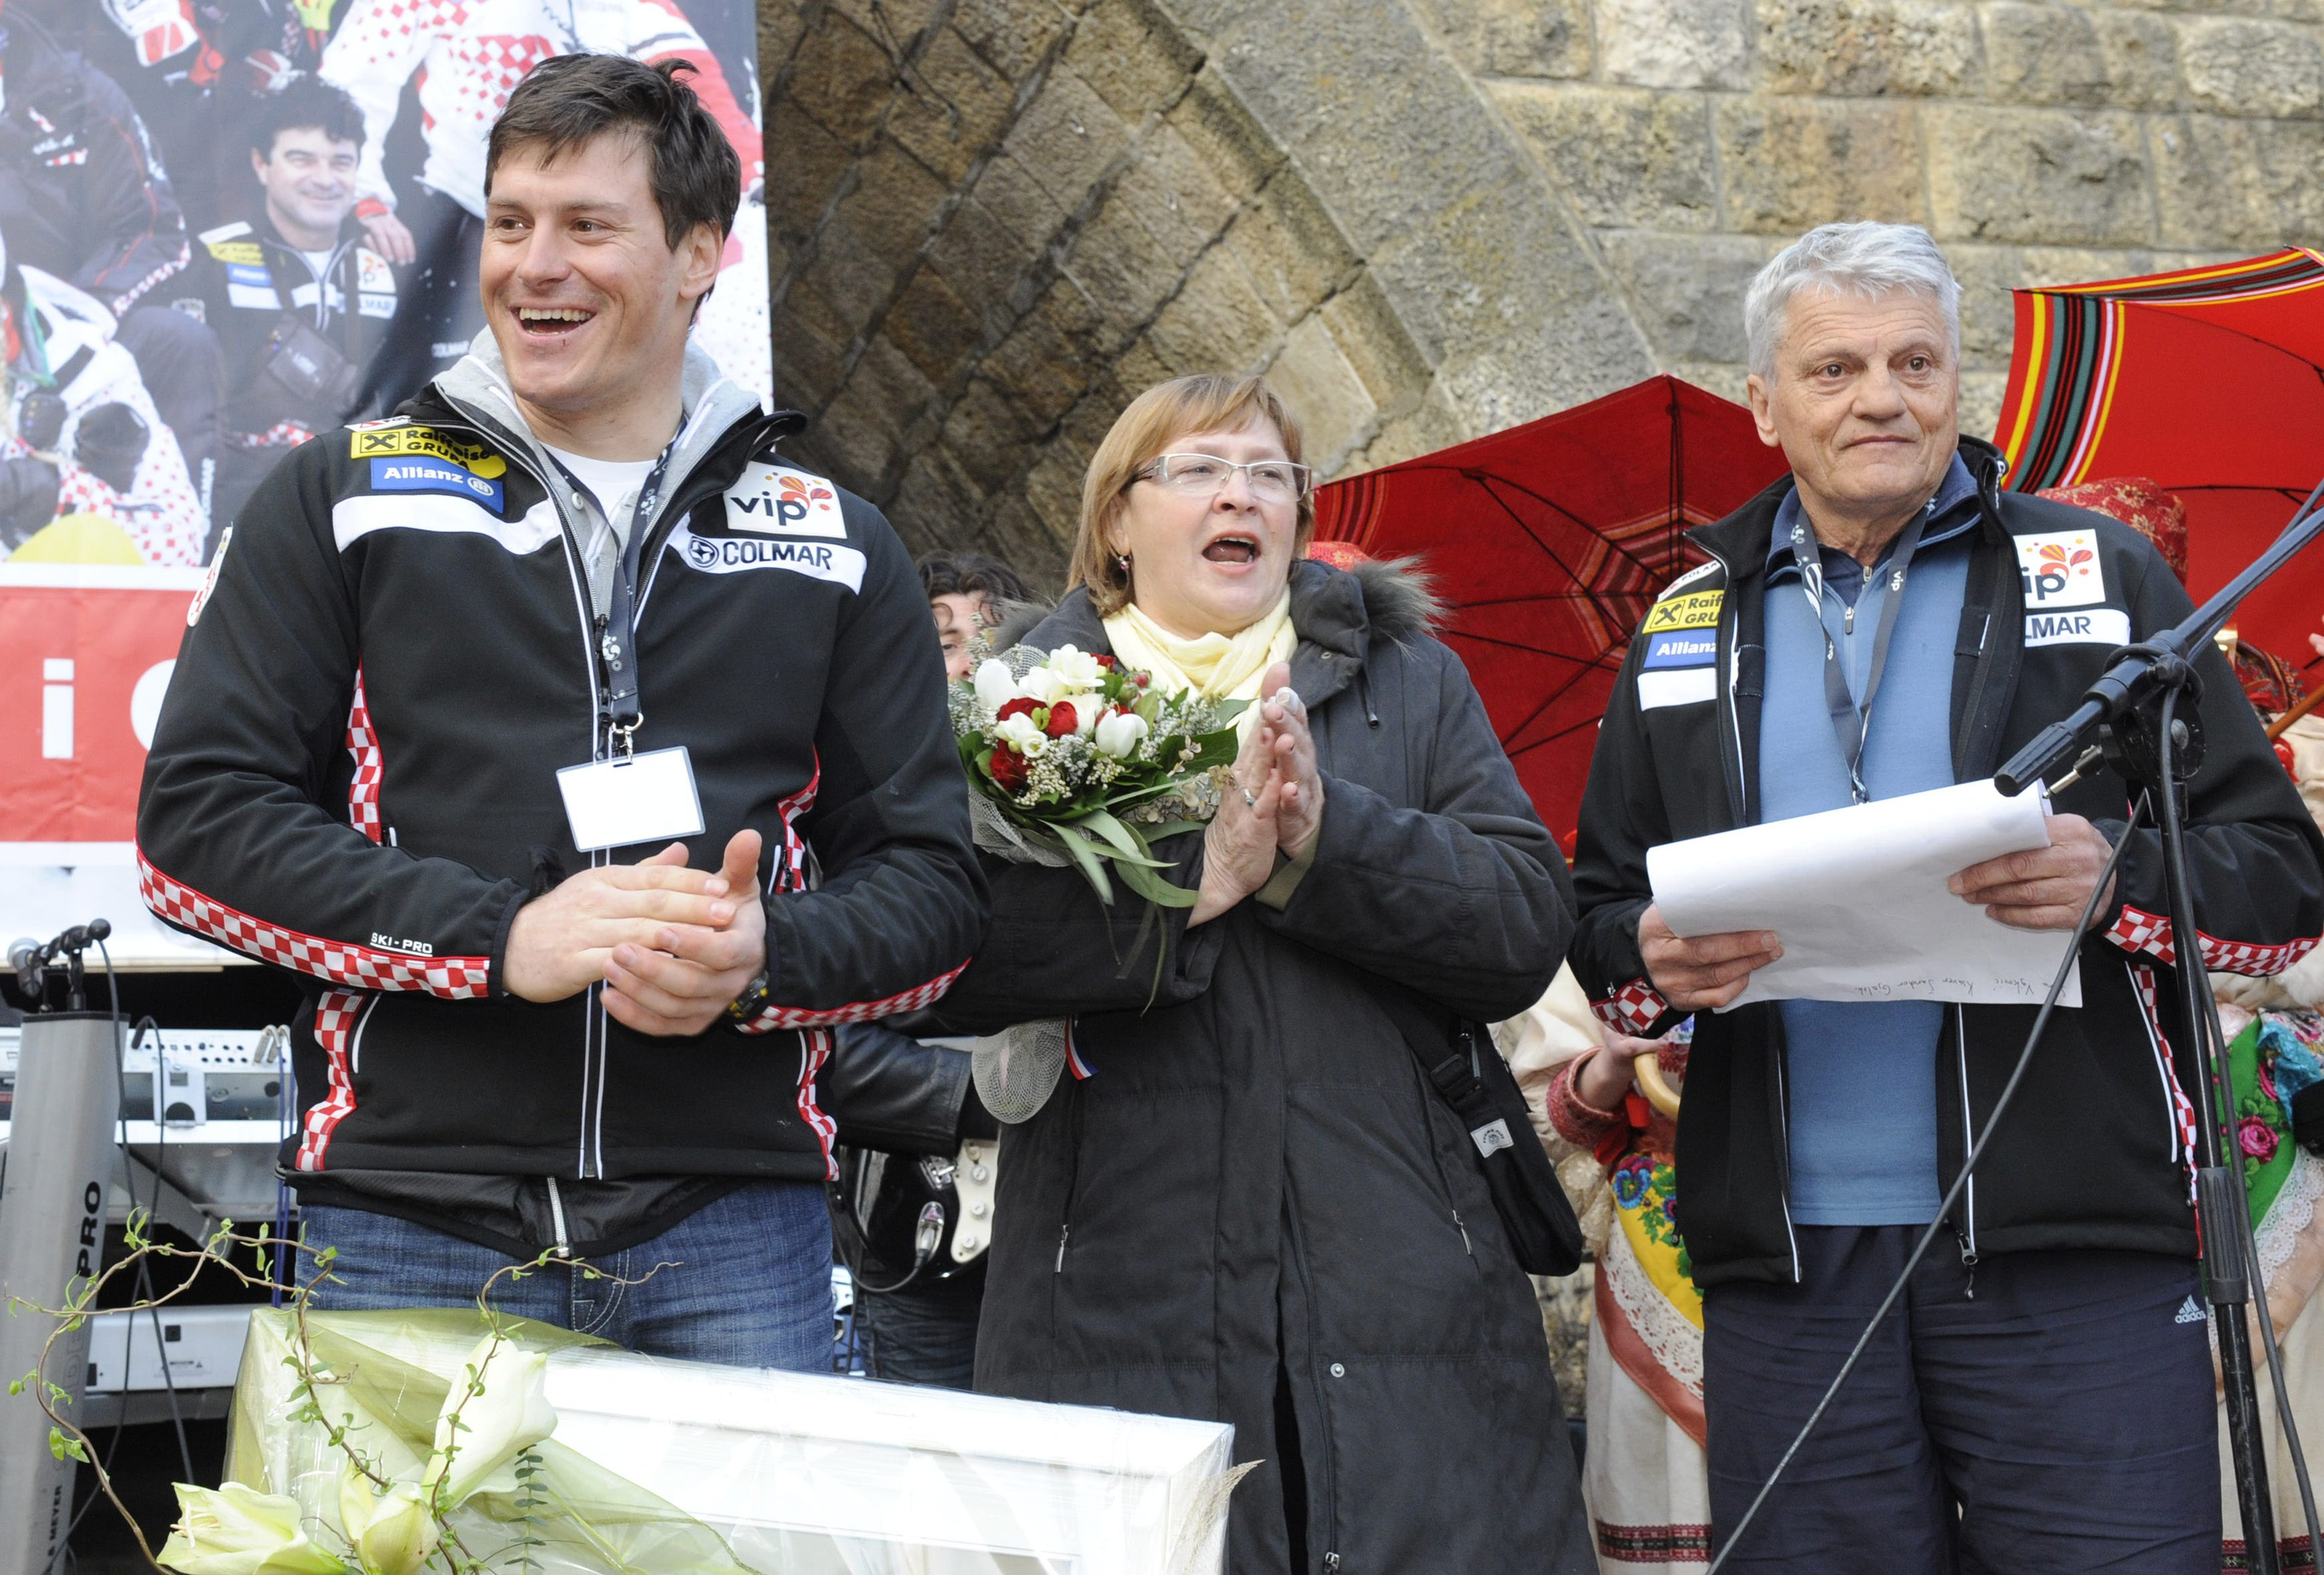 Zagreb, 210311. Gracani. Mnogi gradjani docekali su Ivicu Kostelica, svjetskog prvaka u skijanju. Na slici: Ivica i Ante Kostelic. Foto: Damir Krajac / CROPIX